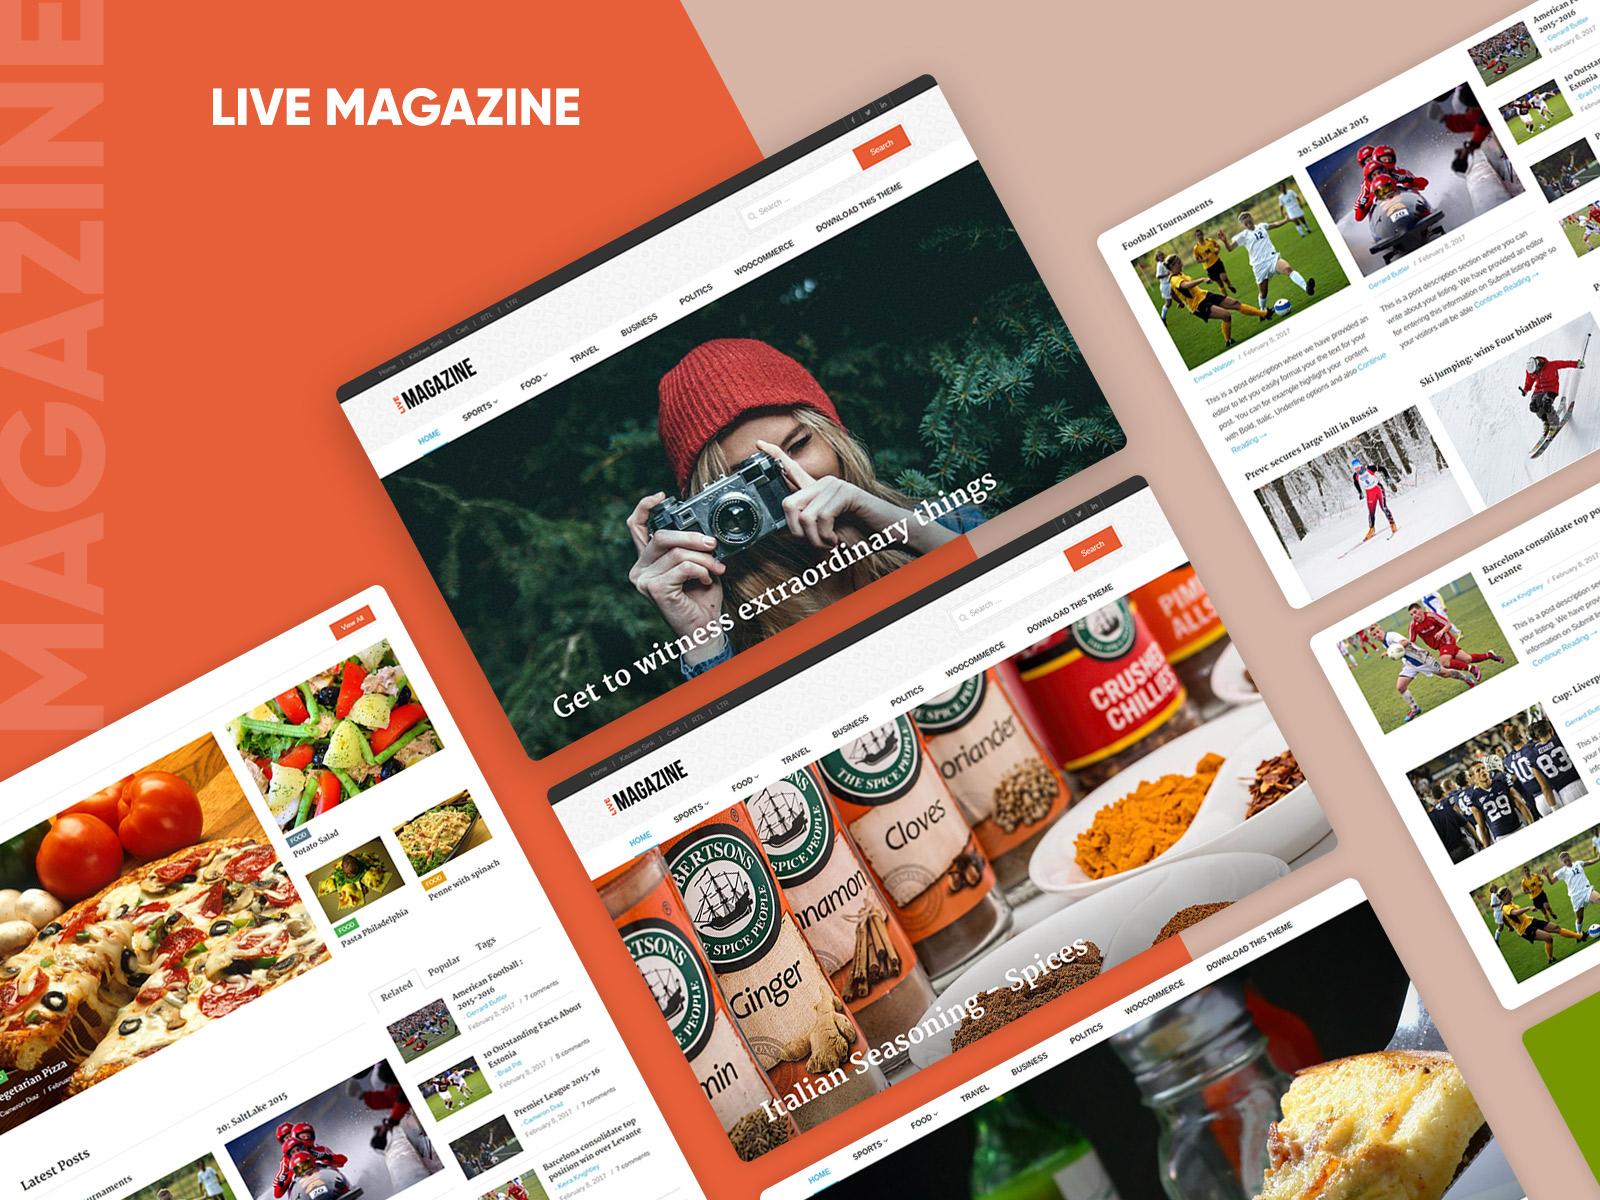 Live Magazine Modern & Updated version